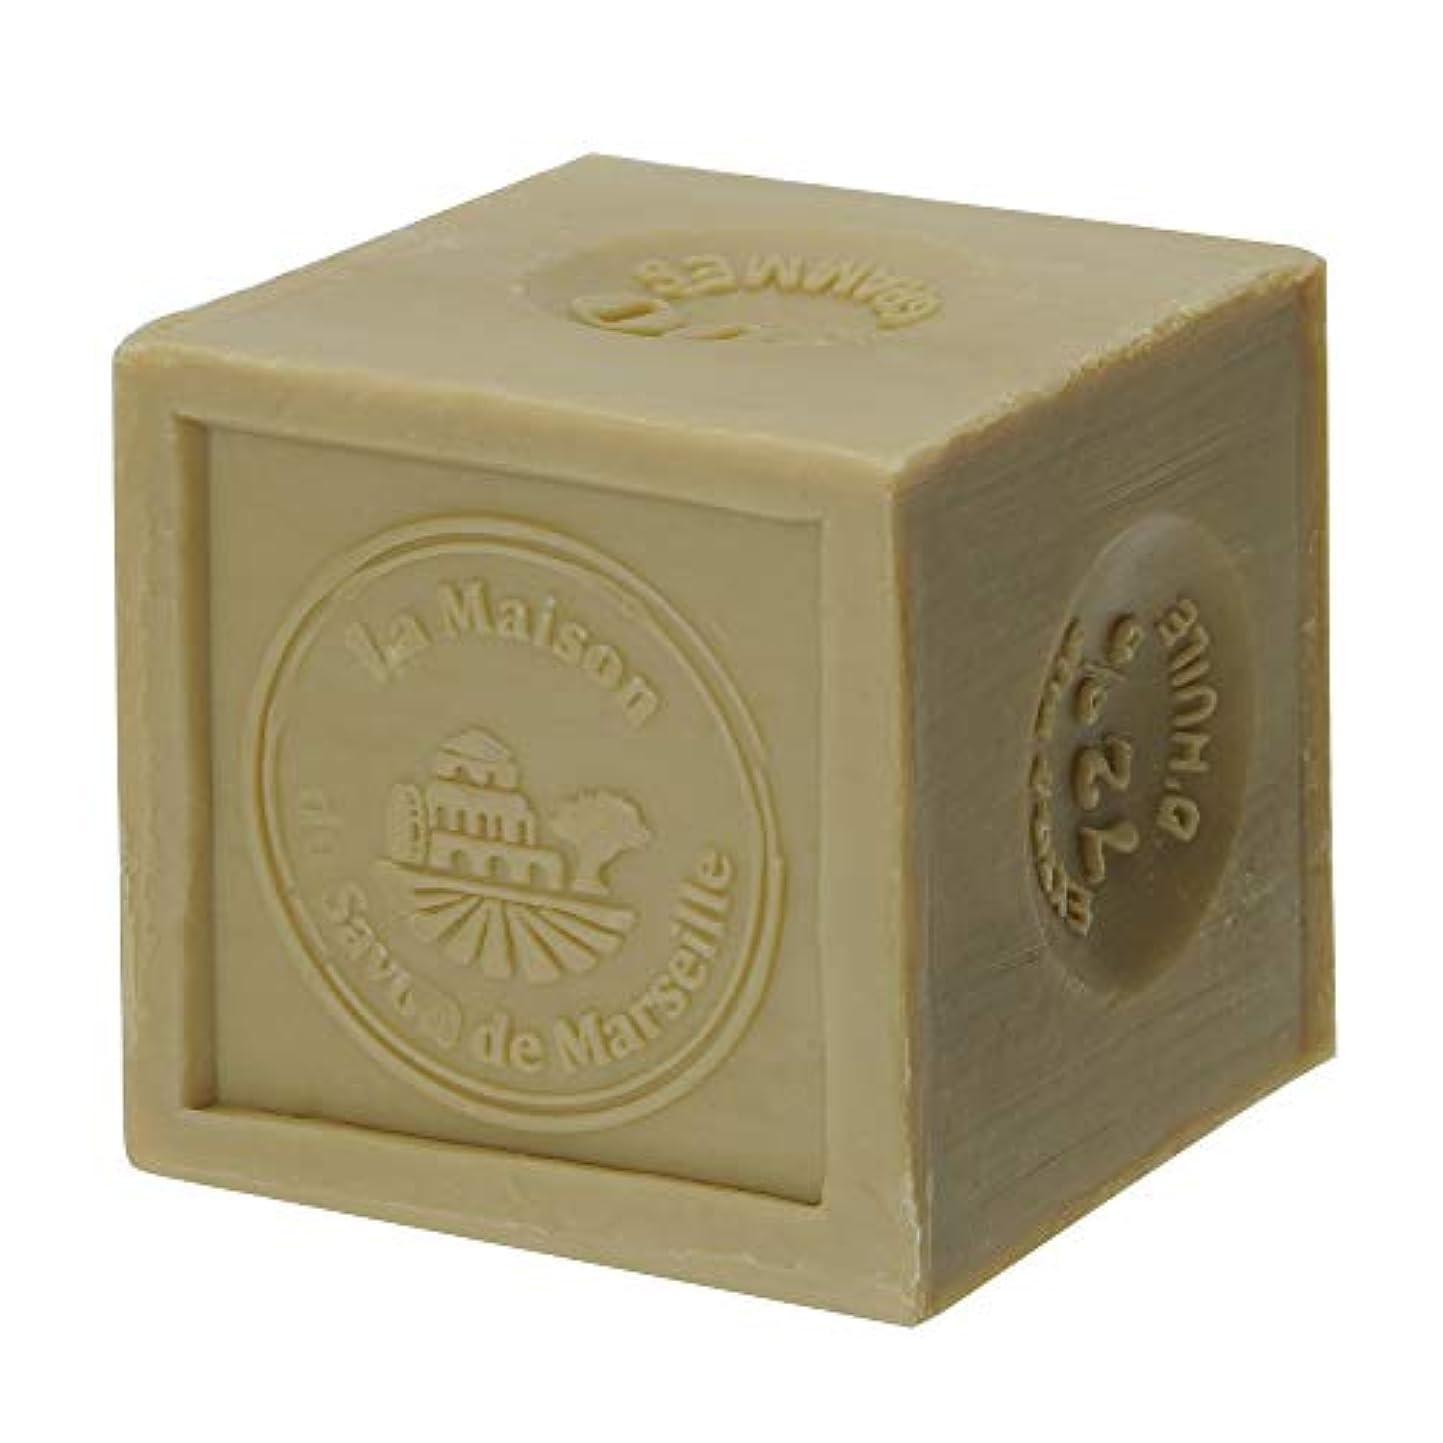 謎めいた改修する謎めいたノルコーポレーション マルセイユ石鹸 オリーブ UPSM認証マーク付き 300g MLL-3-1